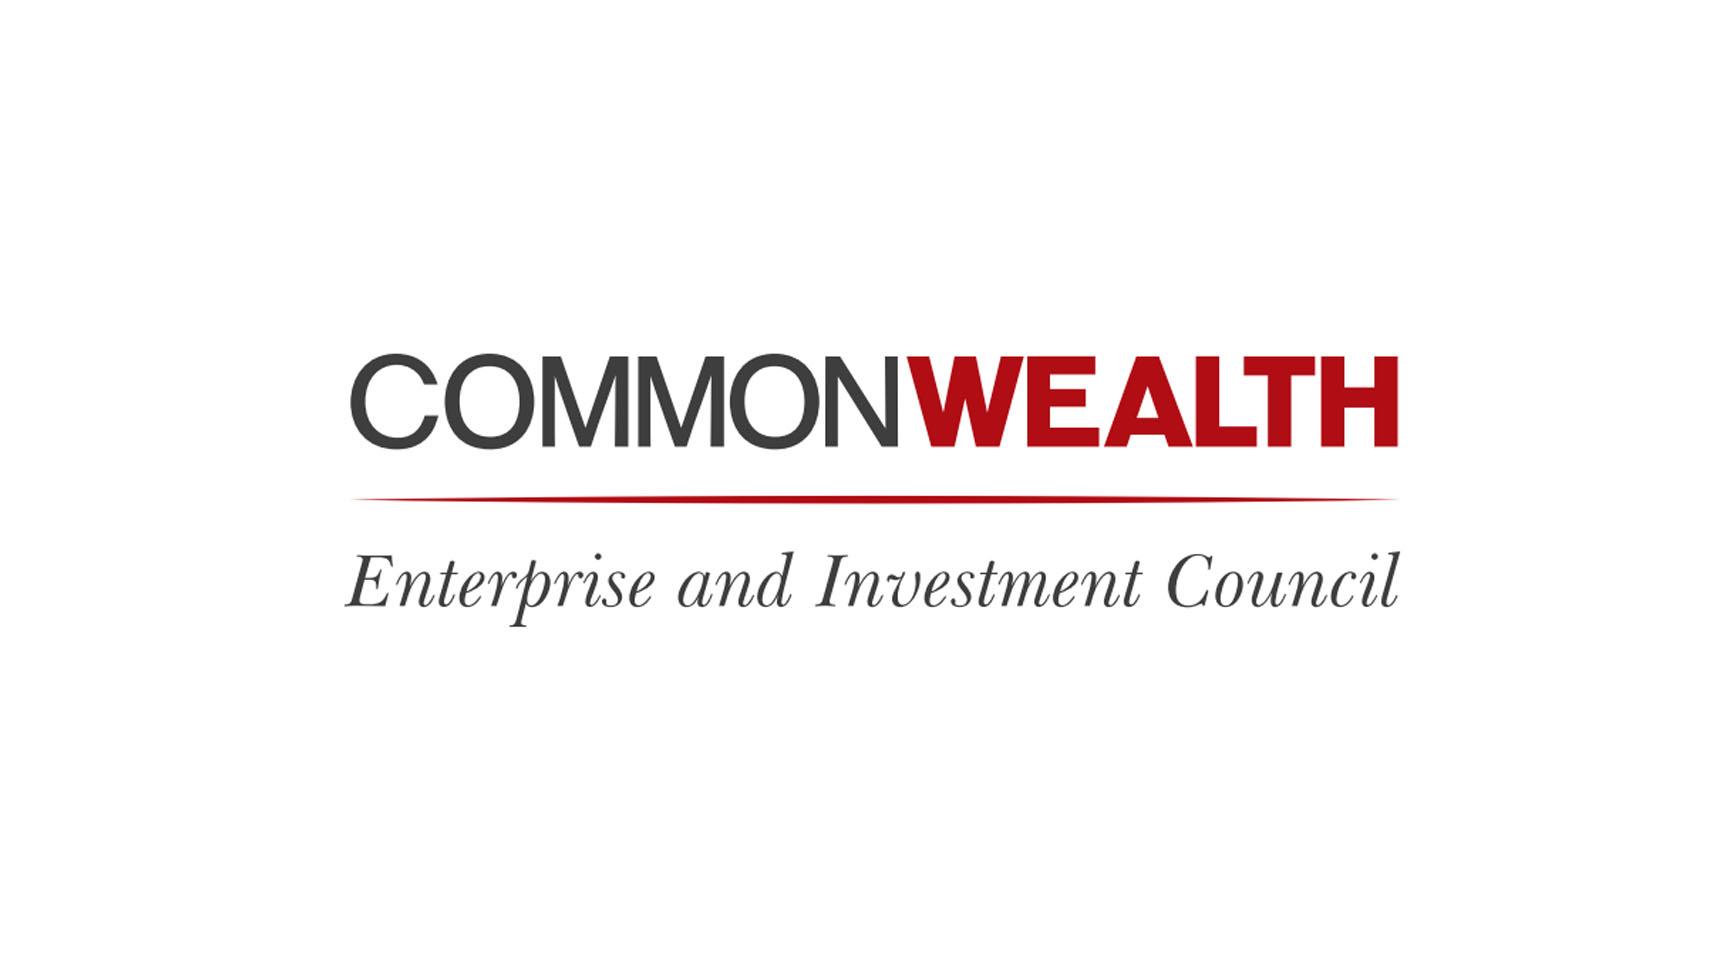 CWEIC 2018 Logo